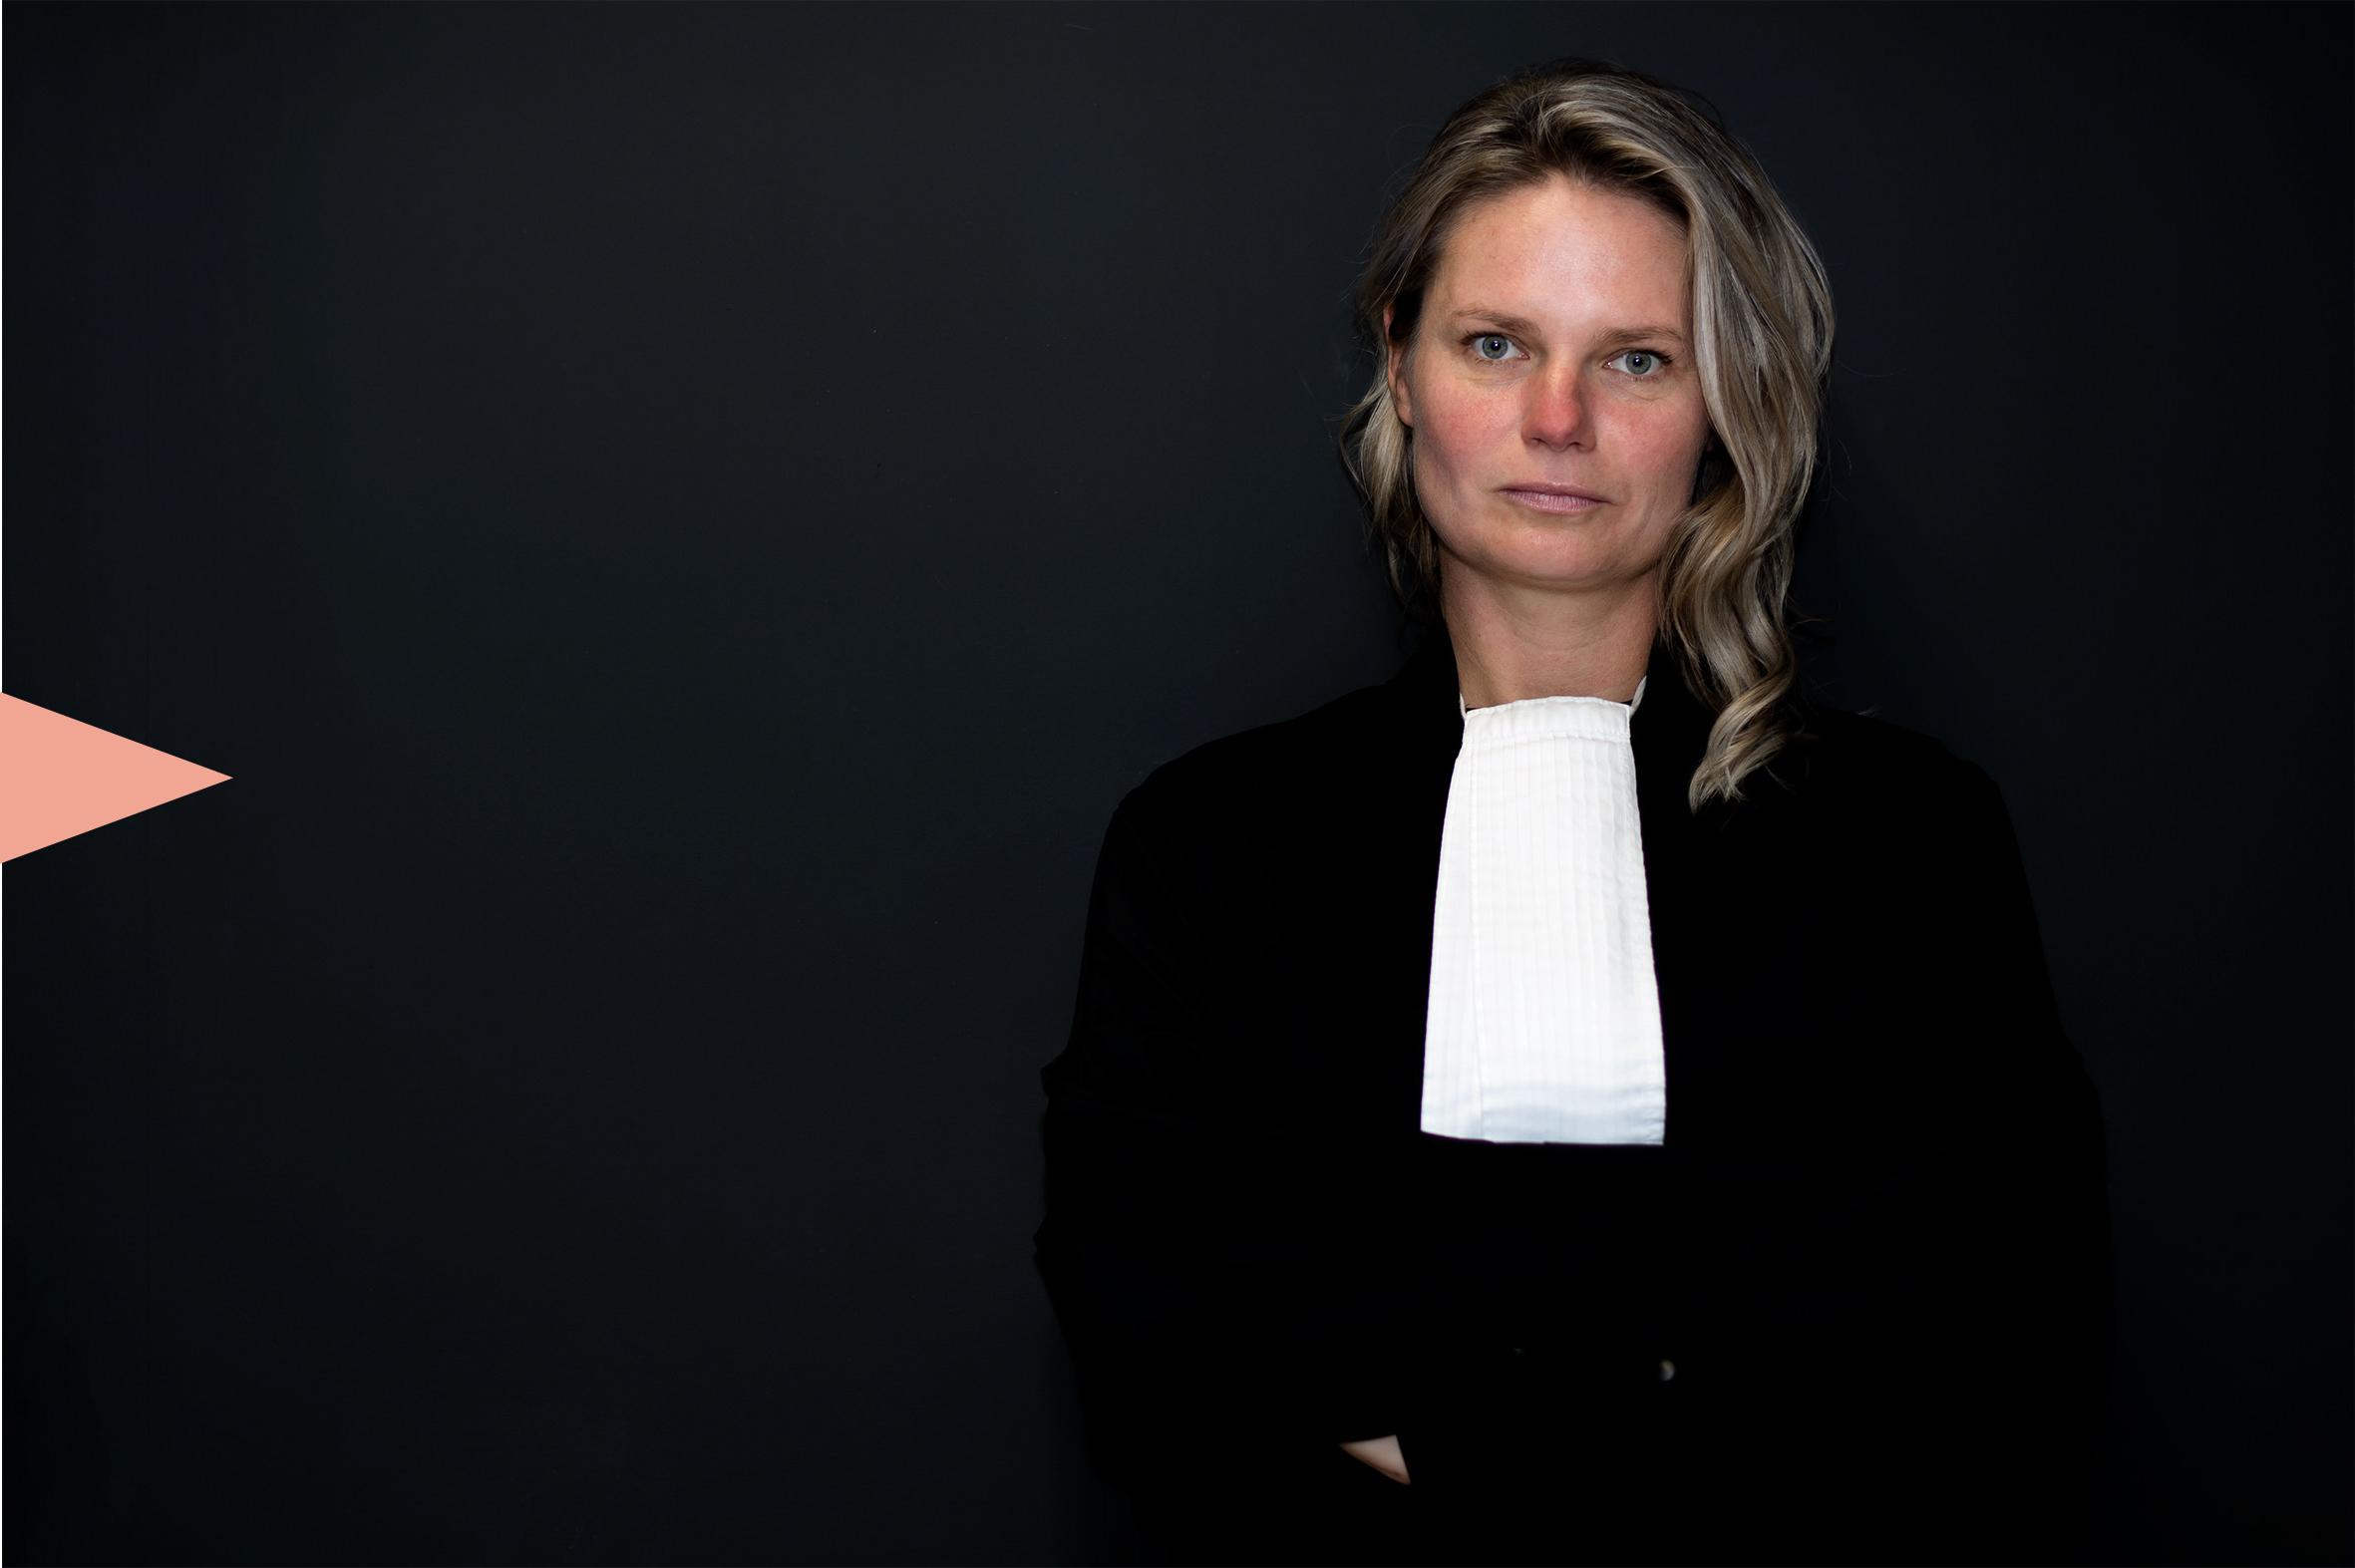 Strafrecht Advocaat Eindhoven Geldrop Mierlo - Mr. Karin van Wezel